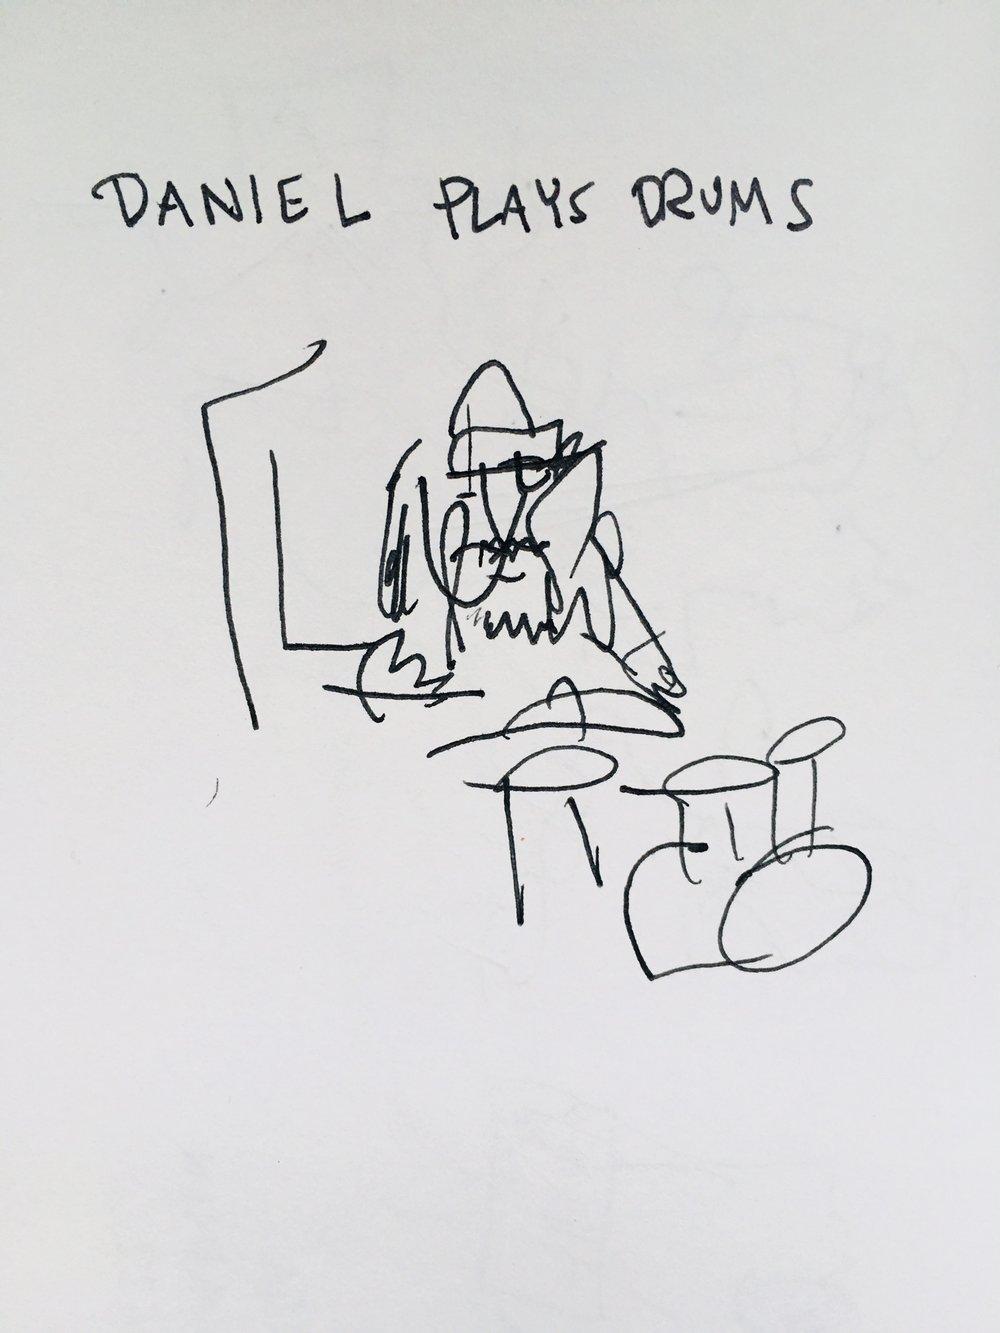 Daniel, whom I just met, on Drums.